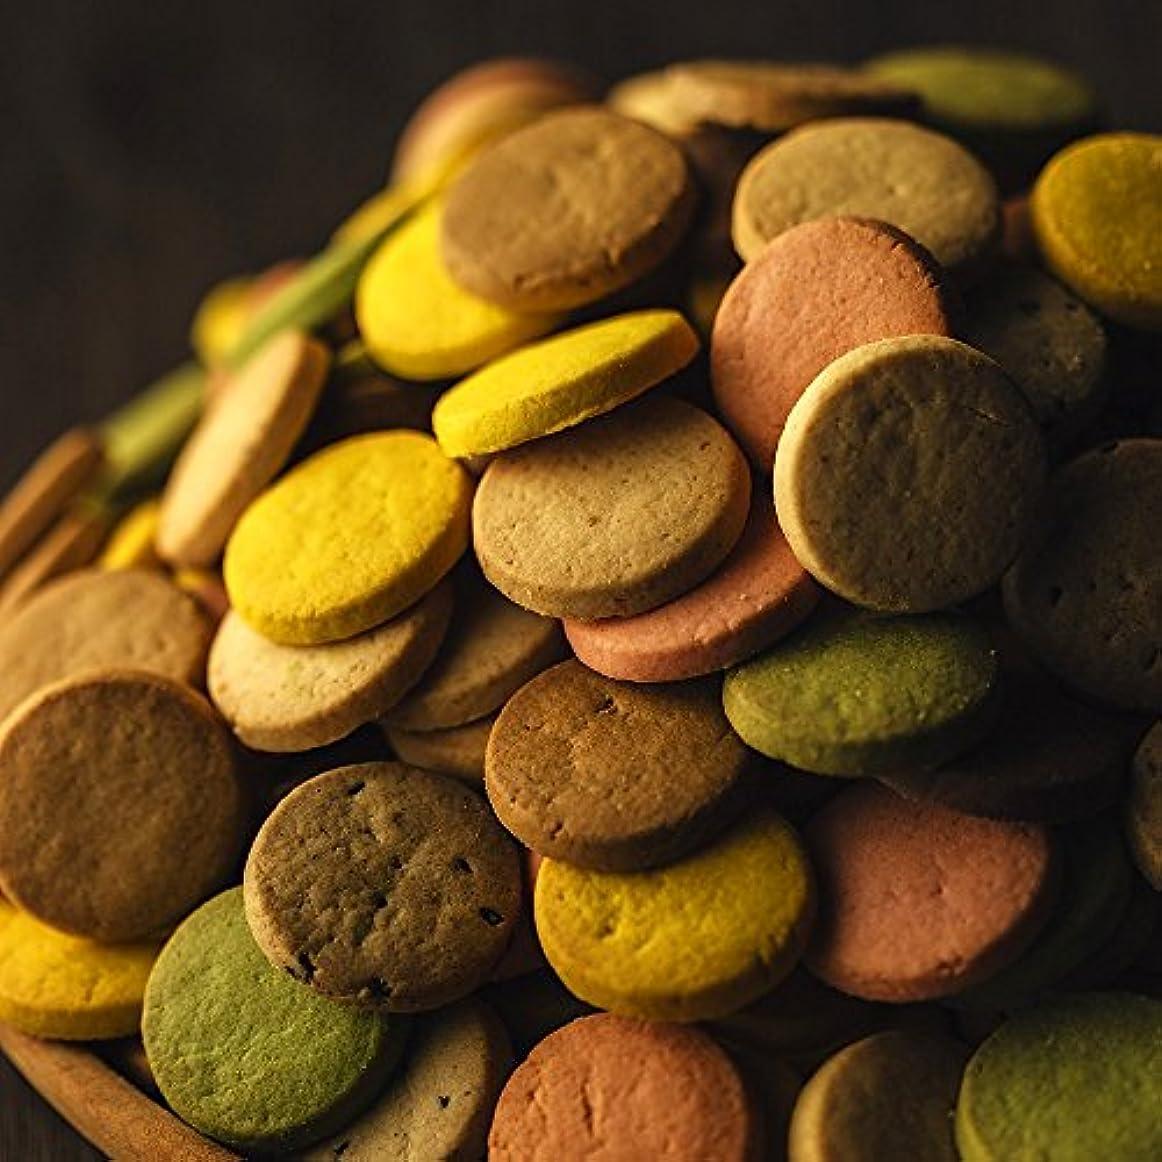 雑草地雷原器官豆乳おからクッキー蒟蒻マンナン入り 3kg